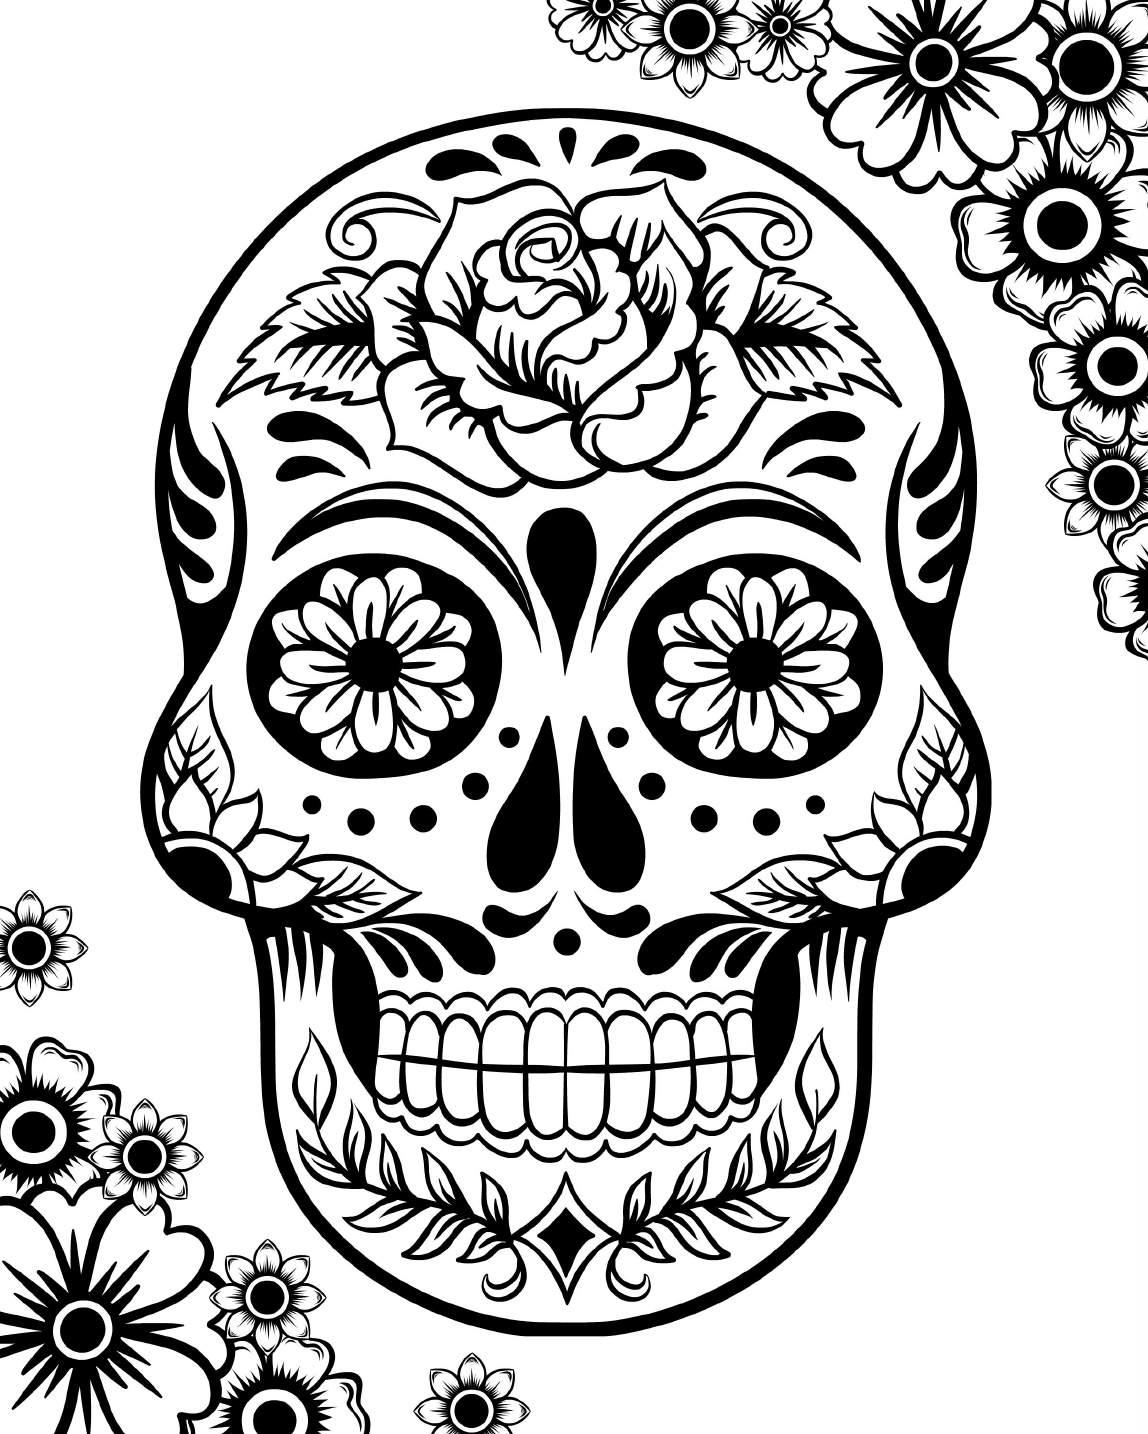 Dog Sugar Skull Coloring Page